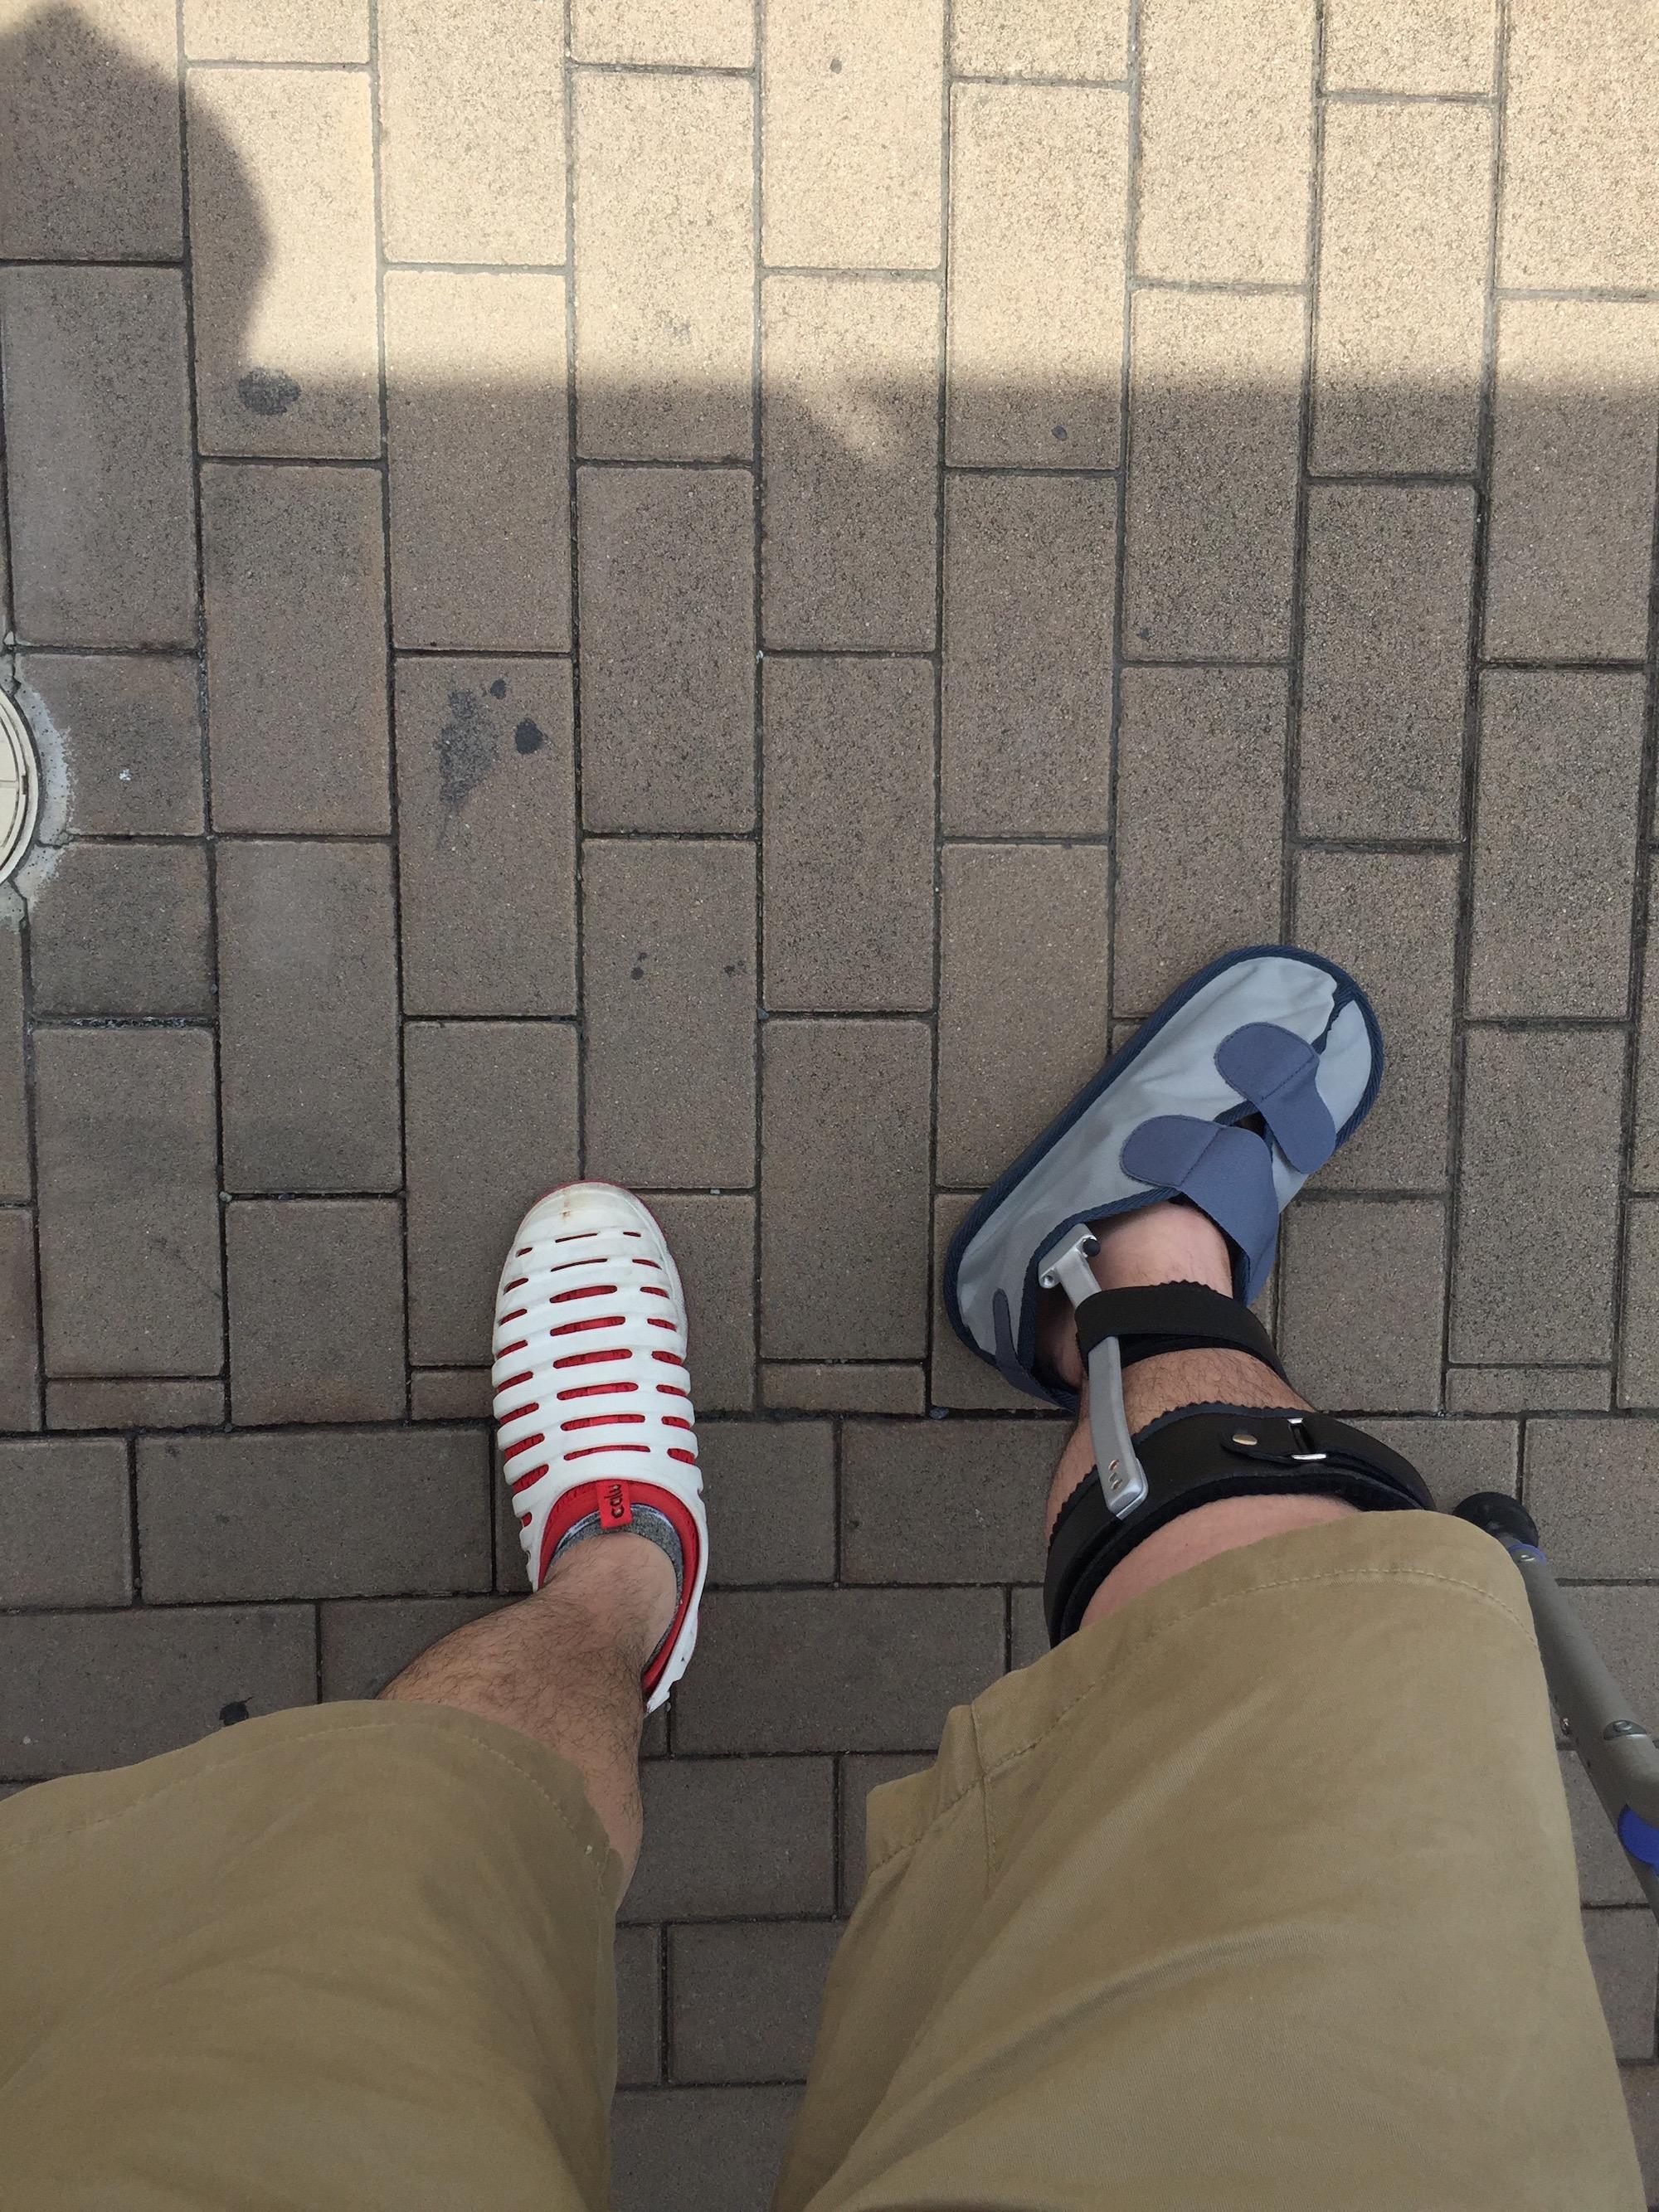 アキレス腱断裂 保存療法 歩行用装具生活【受傷14日目〜28日目】